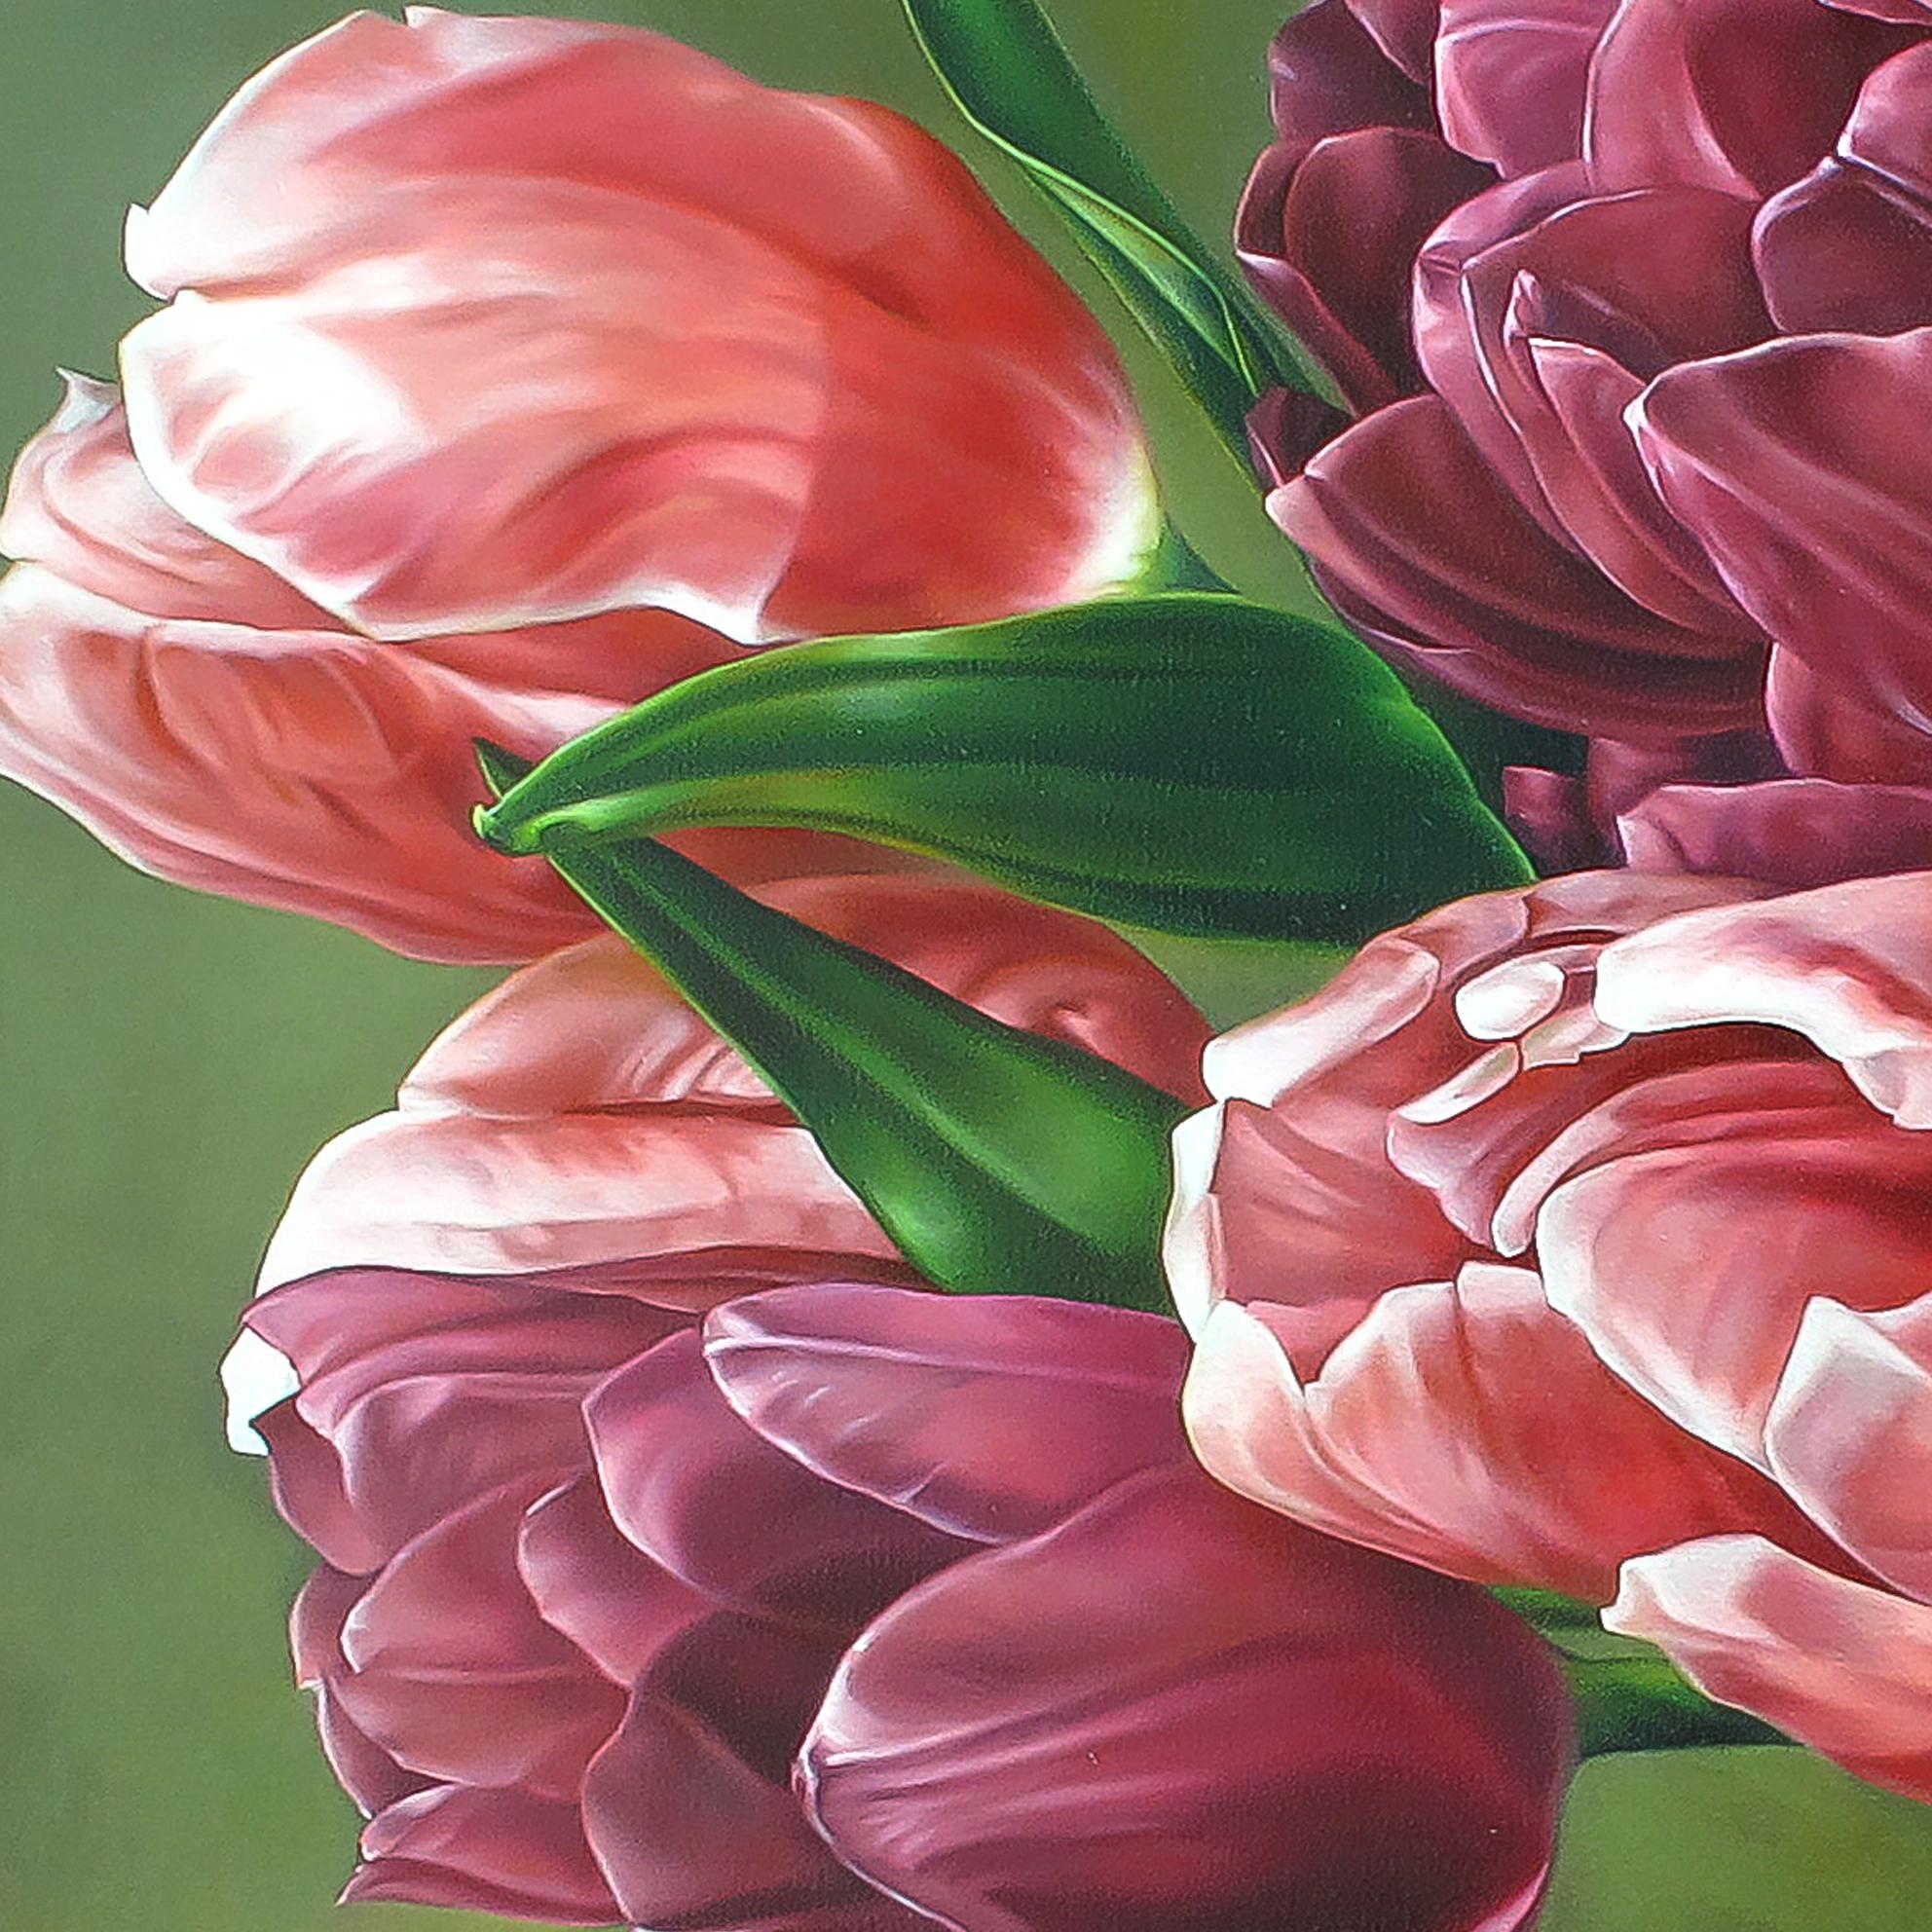 Cận cảnh từng cánh hoa tulip dịu dàng